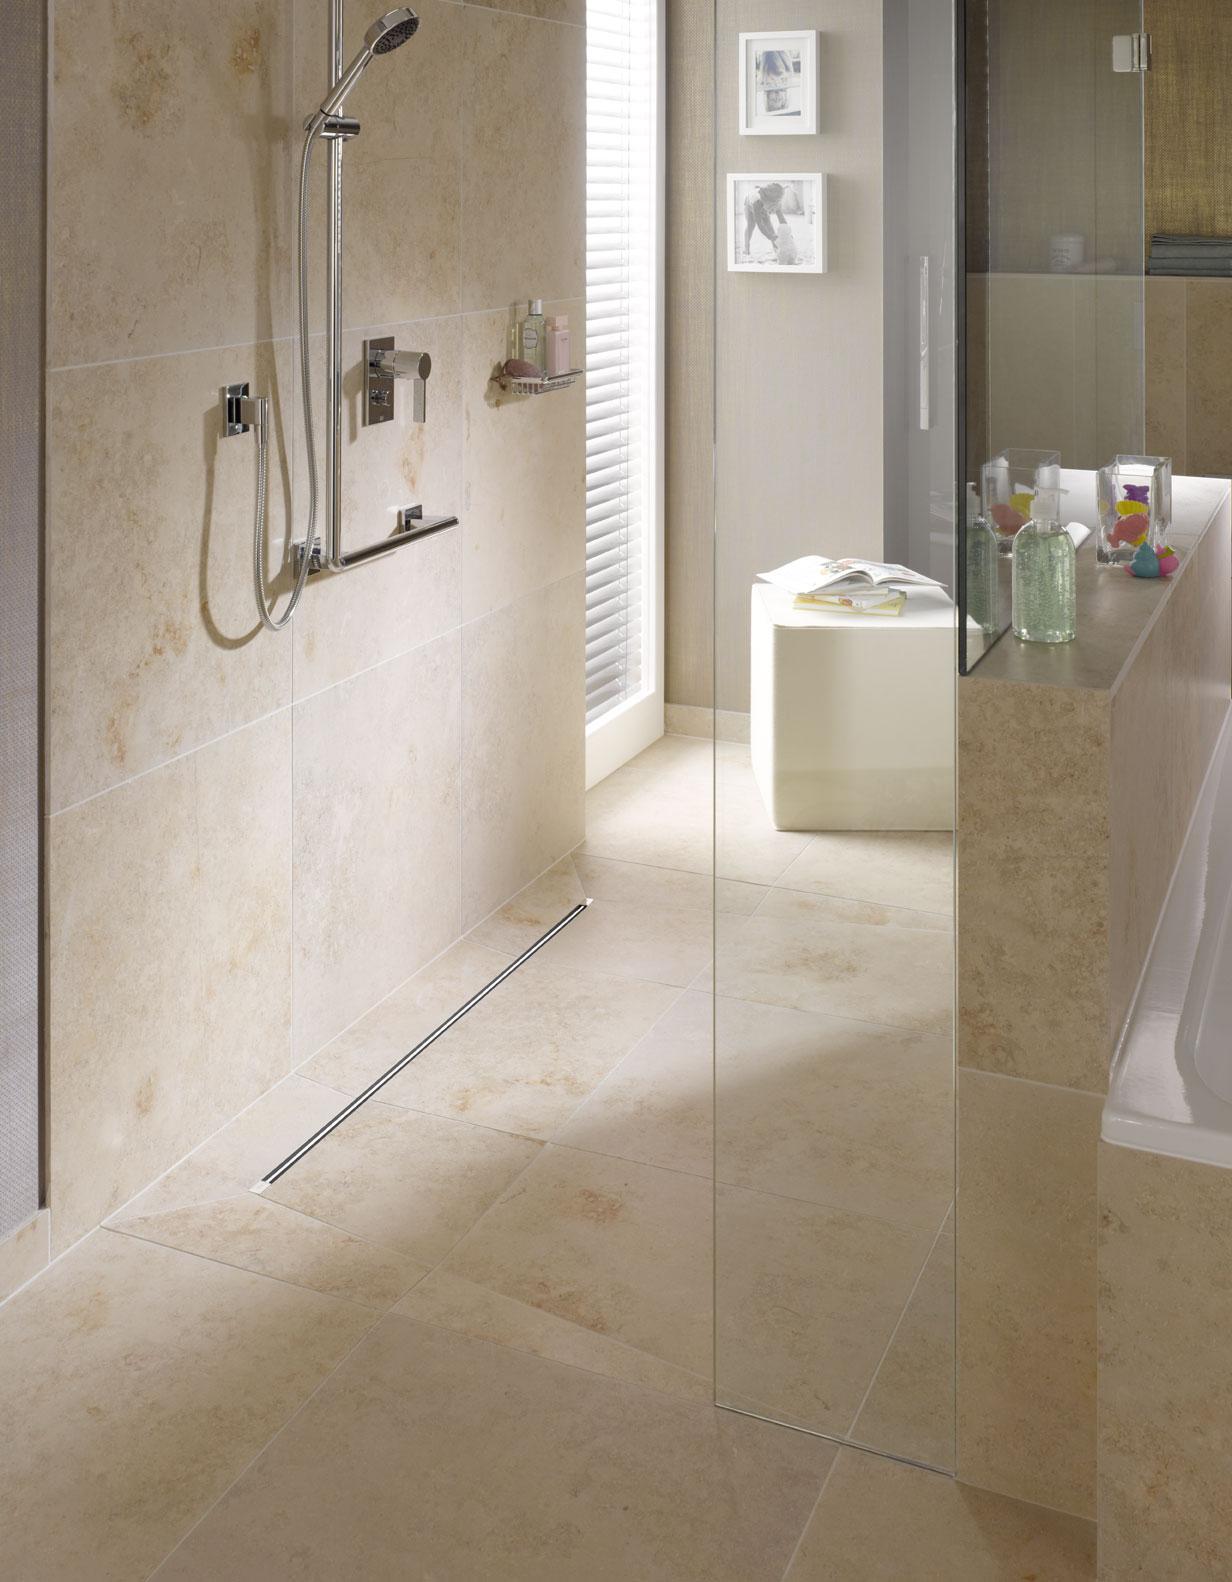 Bodentiefe Dusche mit edlen Marken Bedienelementen